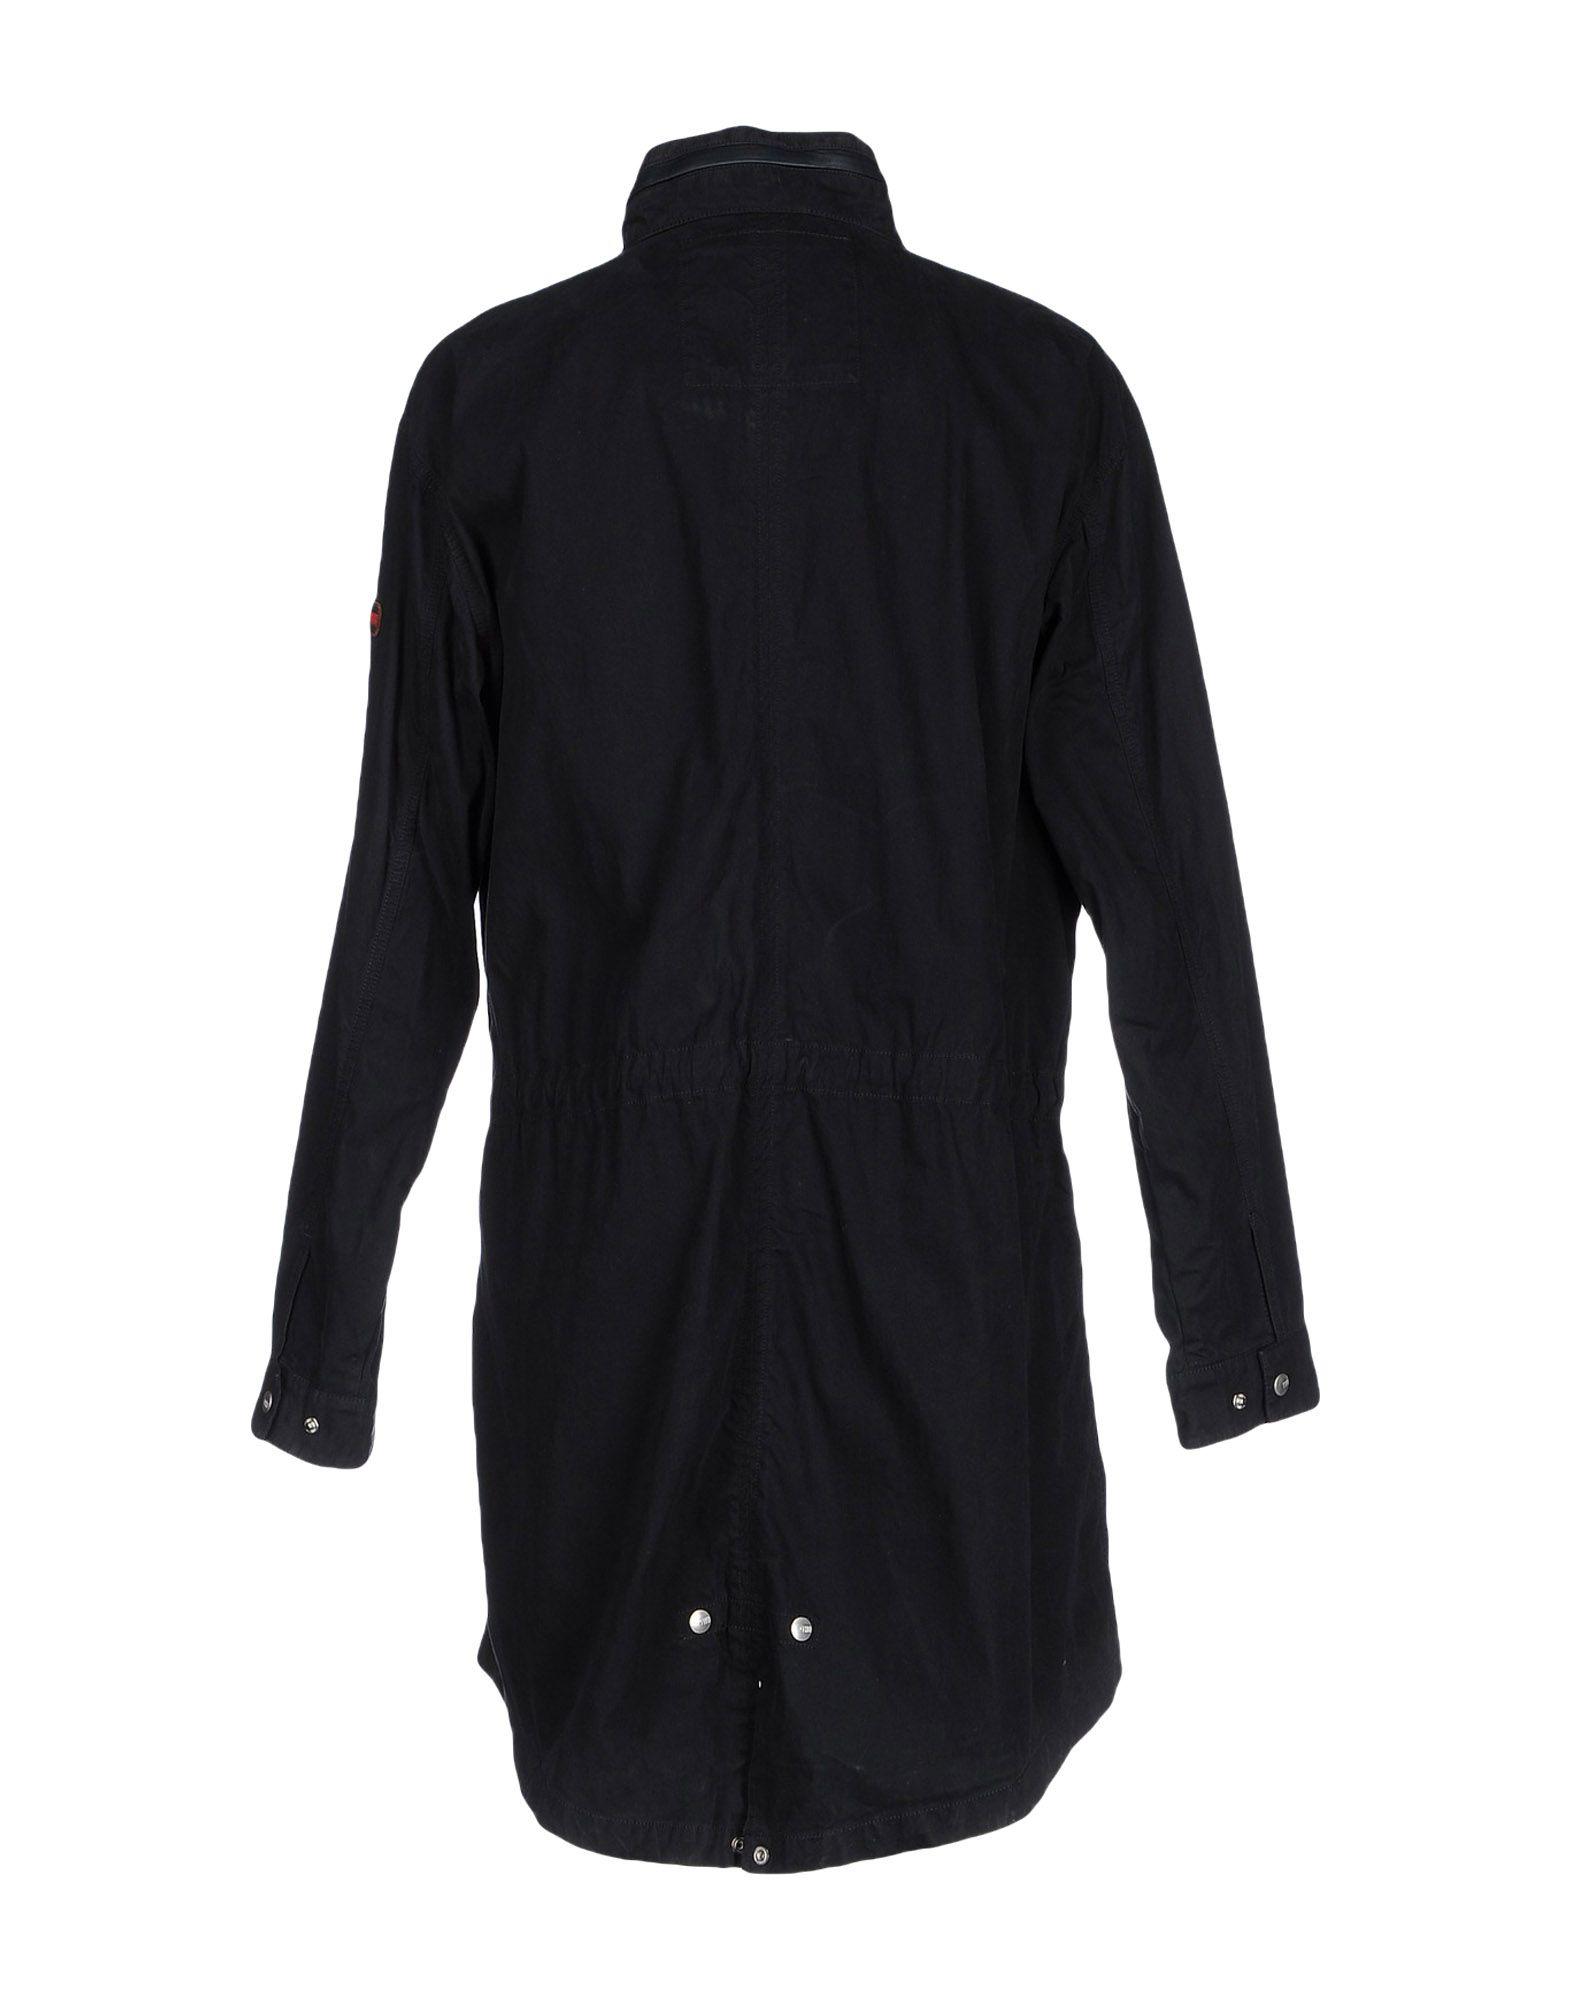 lyst hilfiger denim jacket in blue for men. Black Bedroom Furniture Sets. Home Design Ideas